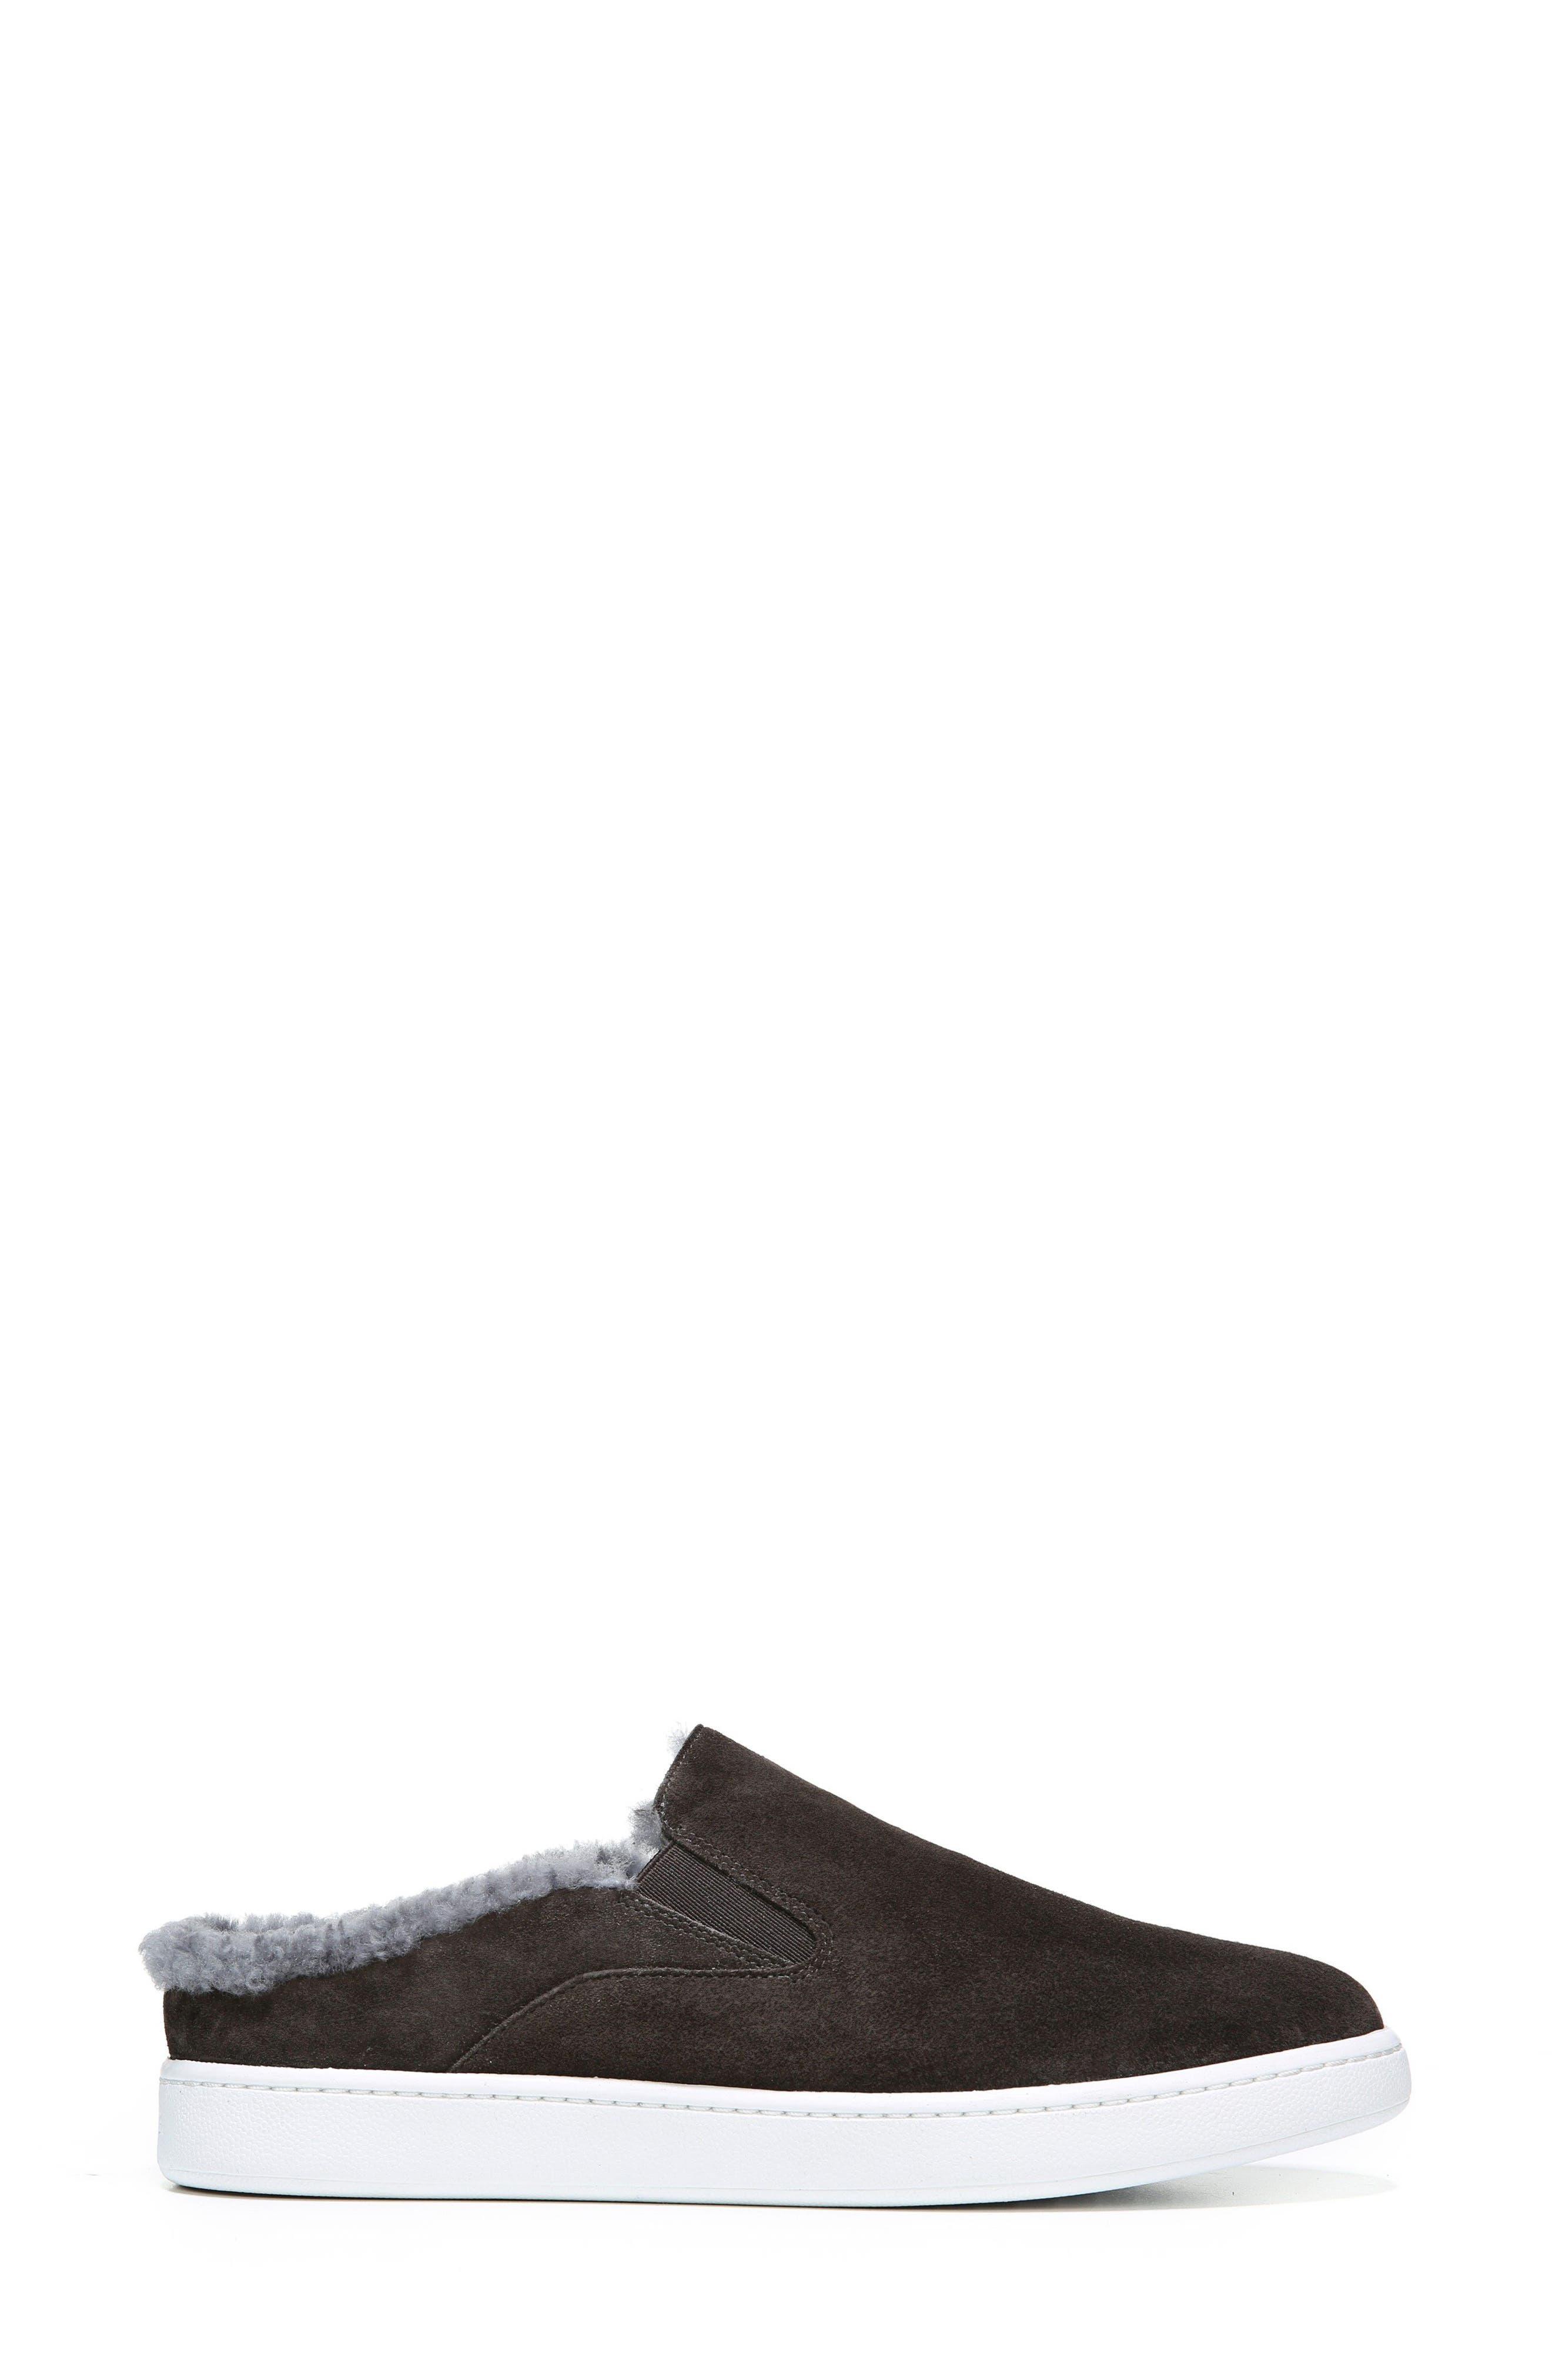 Alternate Image 3  - Vince Verrell Genuine Shearling Slip-On Sneaker (Women)